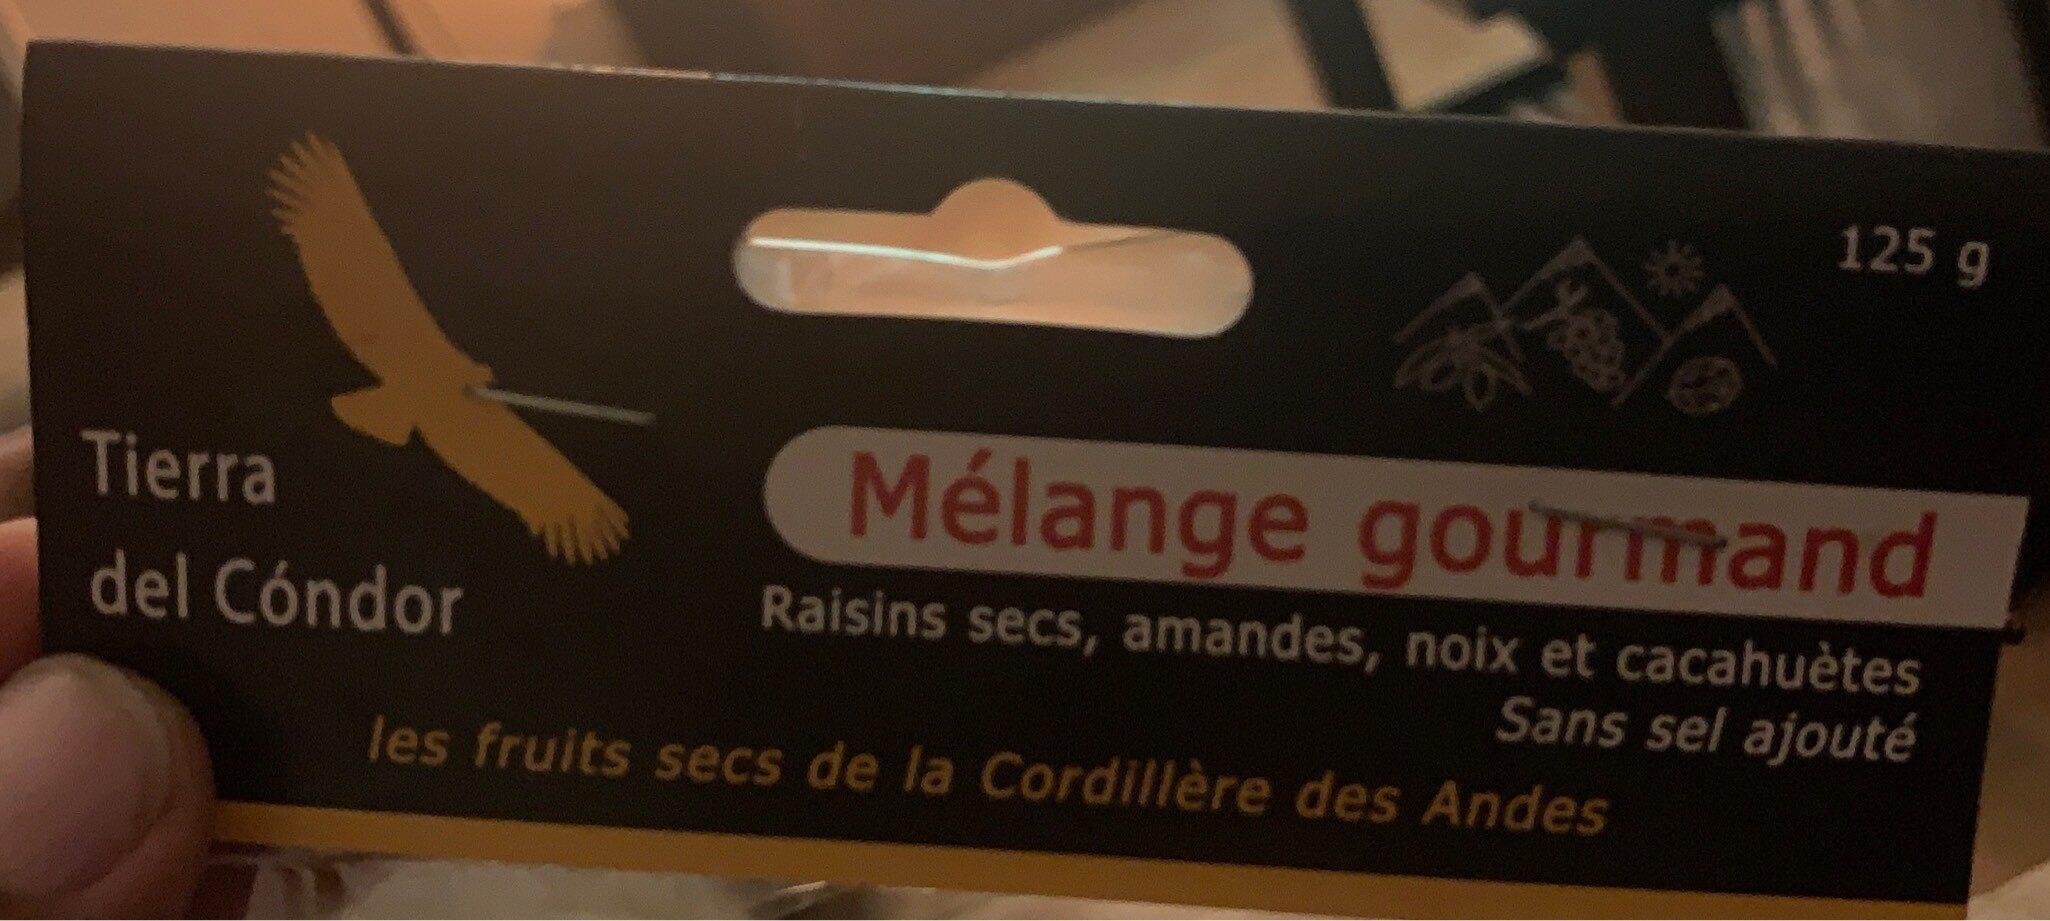 Melange gourmand - Product